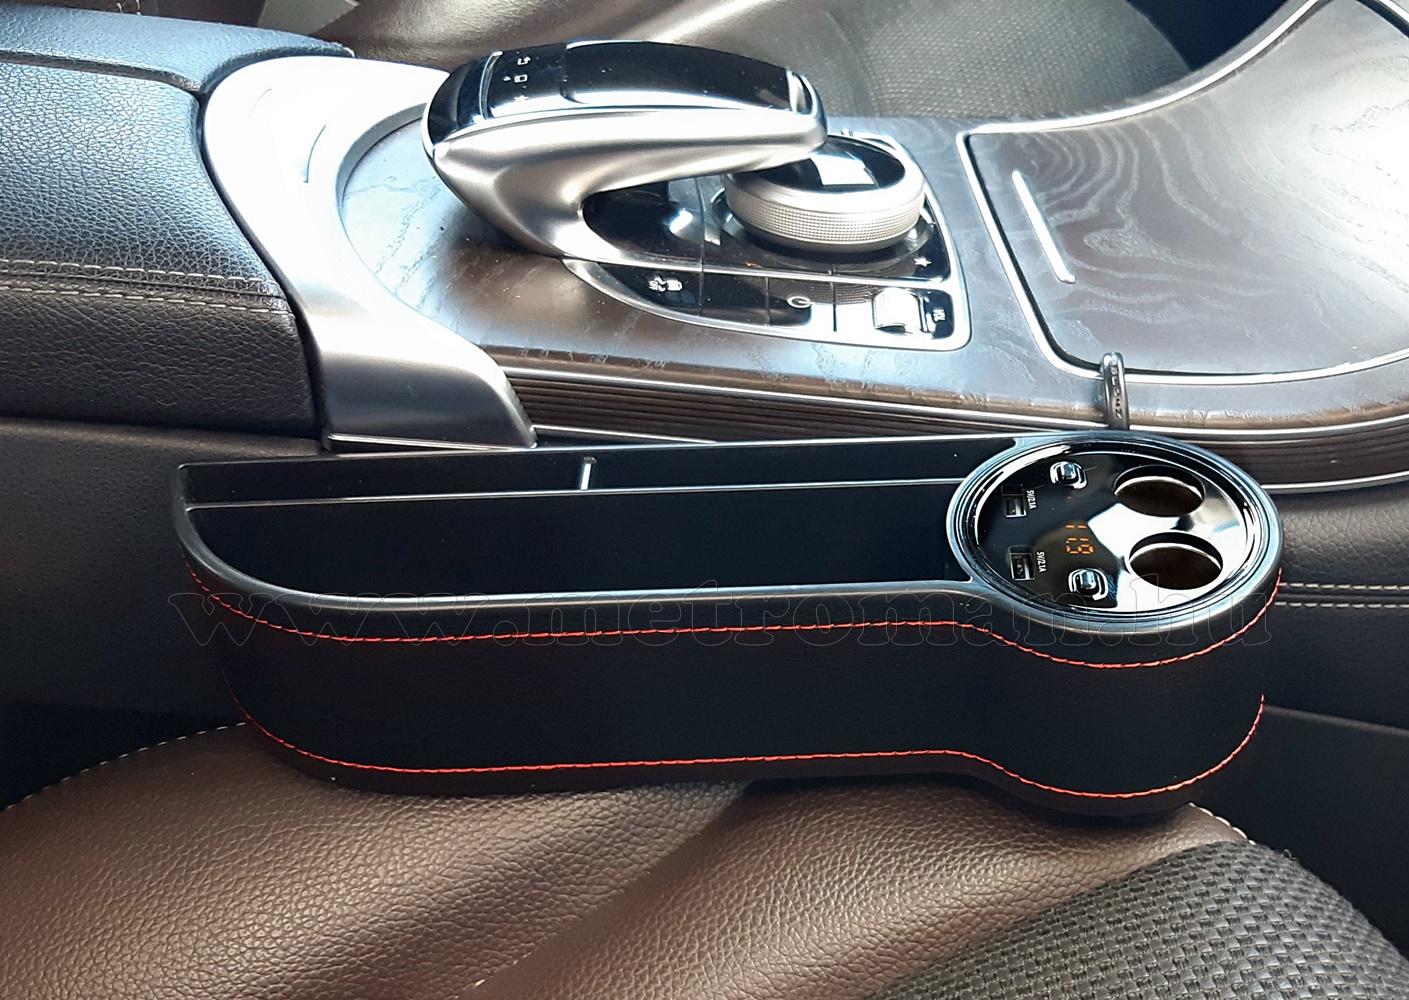 Autós Szivargyújtó elosztó USB töltővel és Voltmérővel MM5490